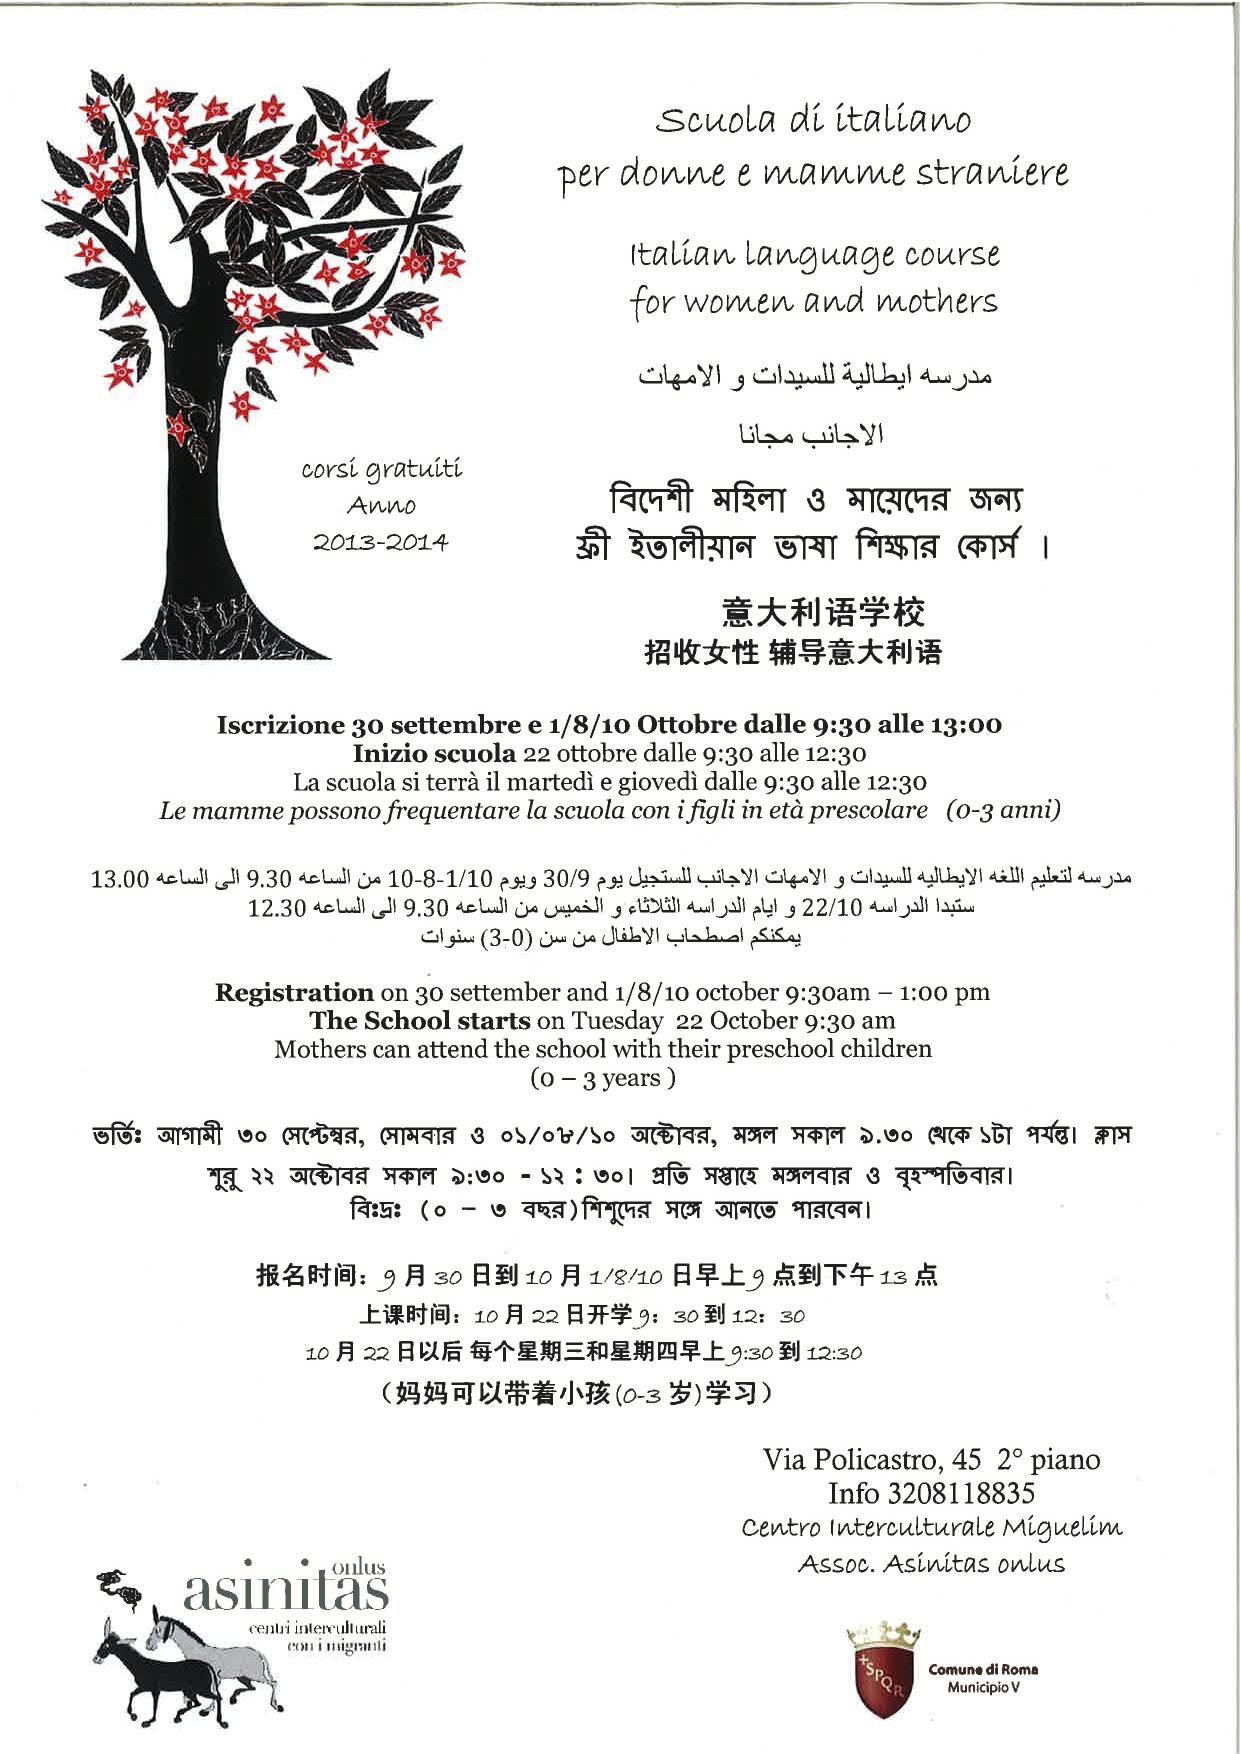 locandina scuola delle donne ott2013web